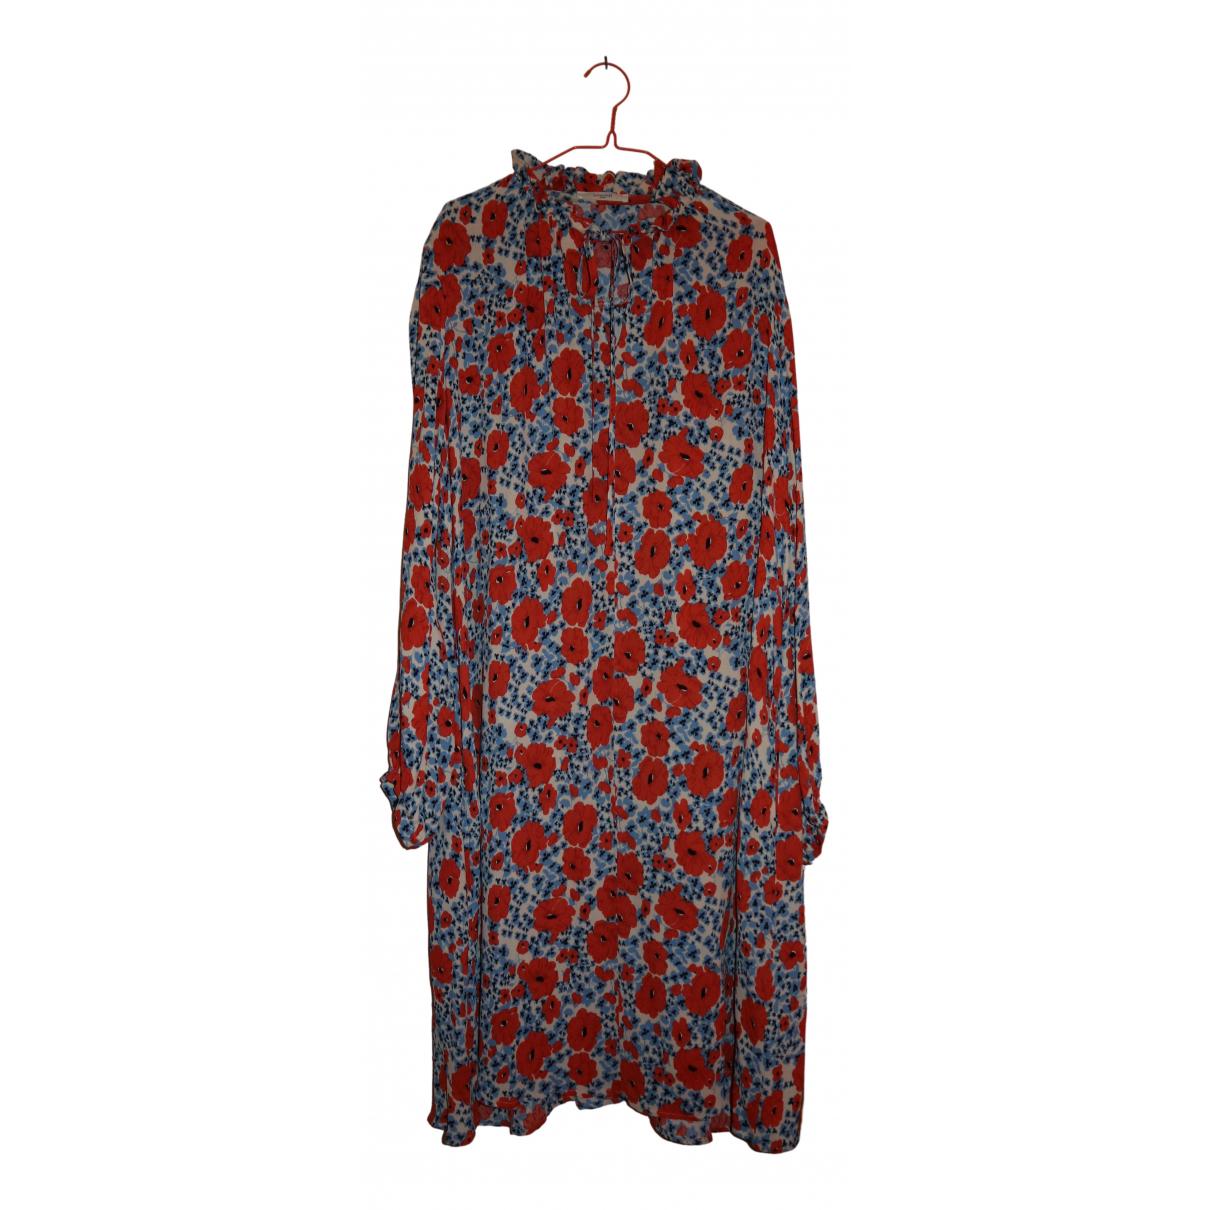 Lovechild 1979 - Robe   pour femme - multicolore